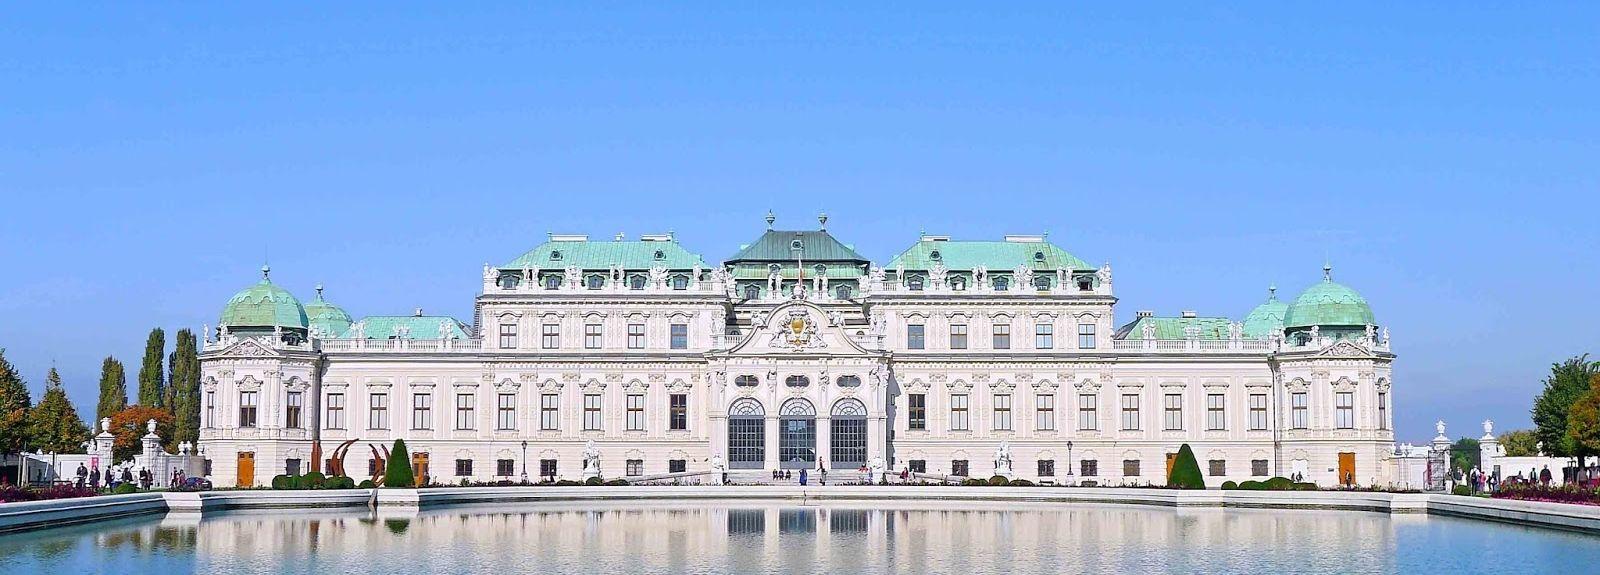 Sveitsisk hage, Wien, Wien (stat), Østerrike